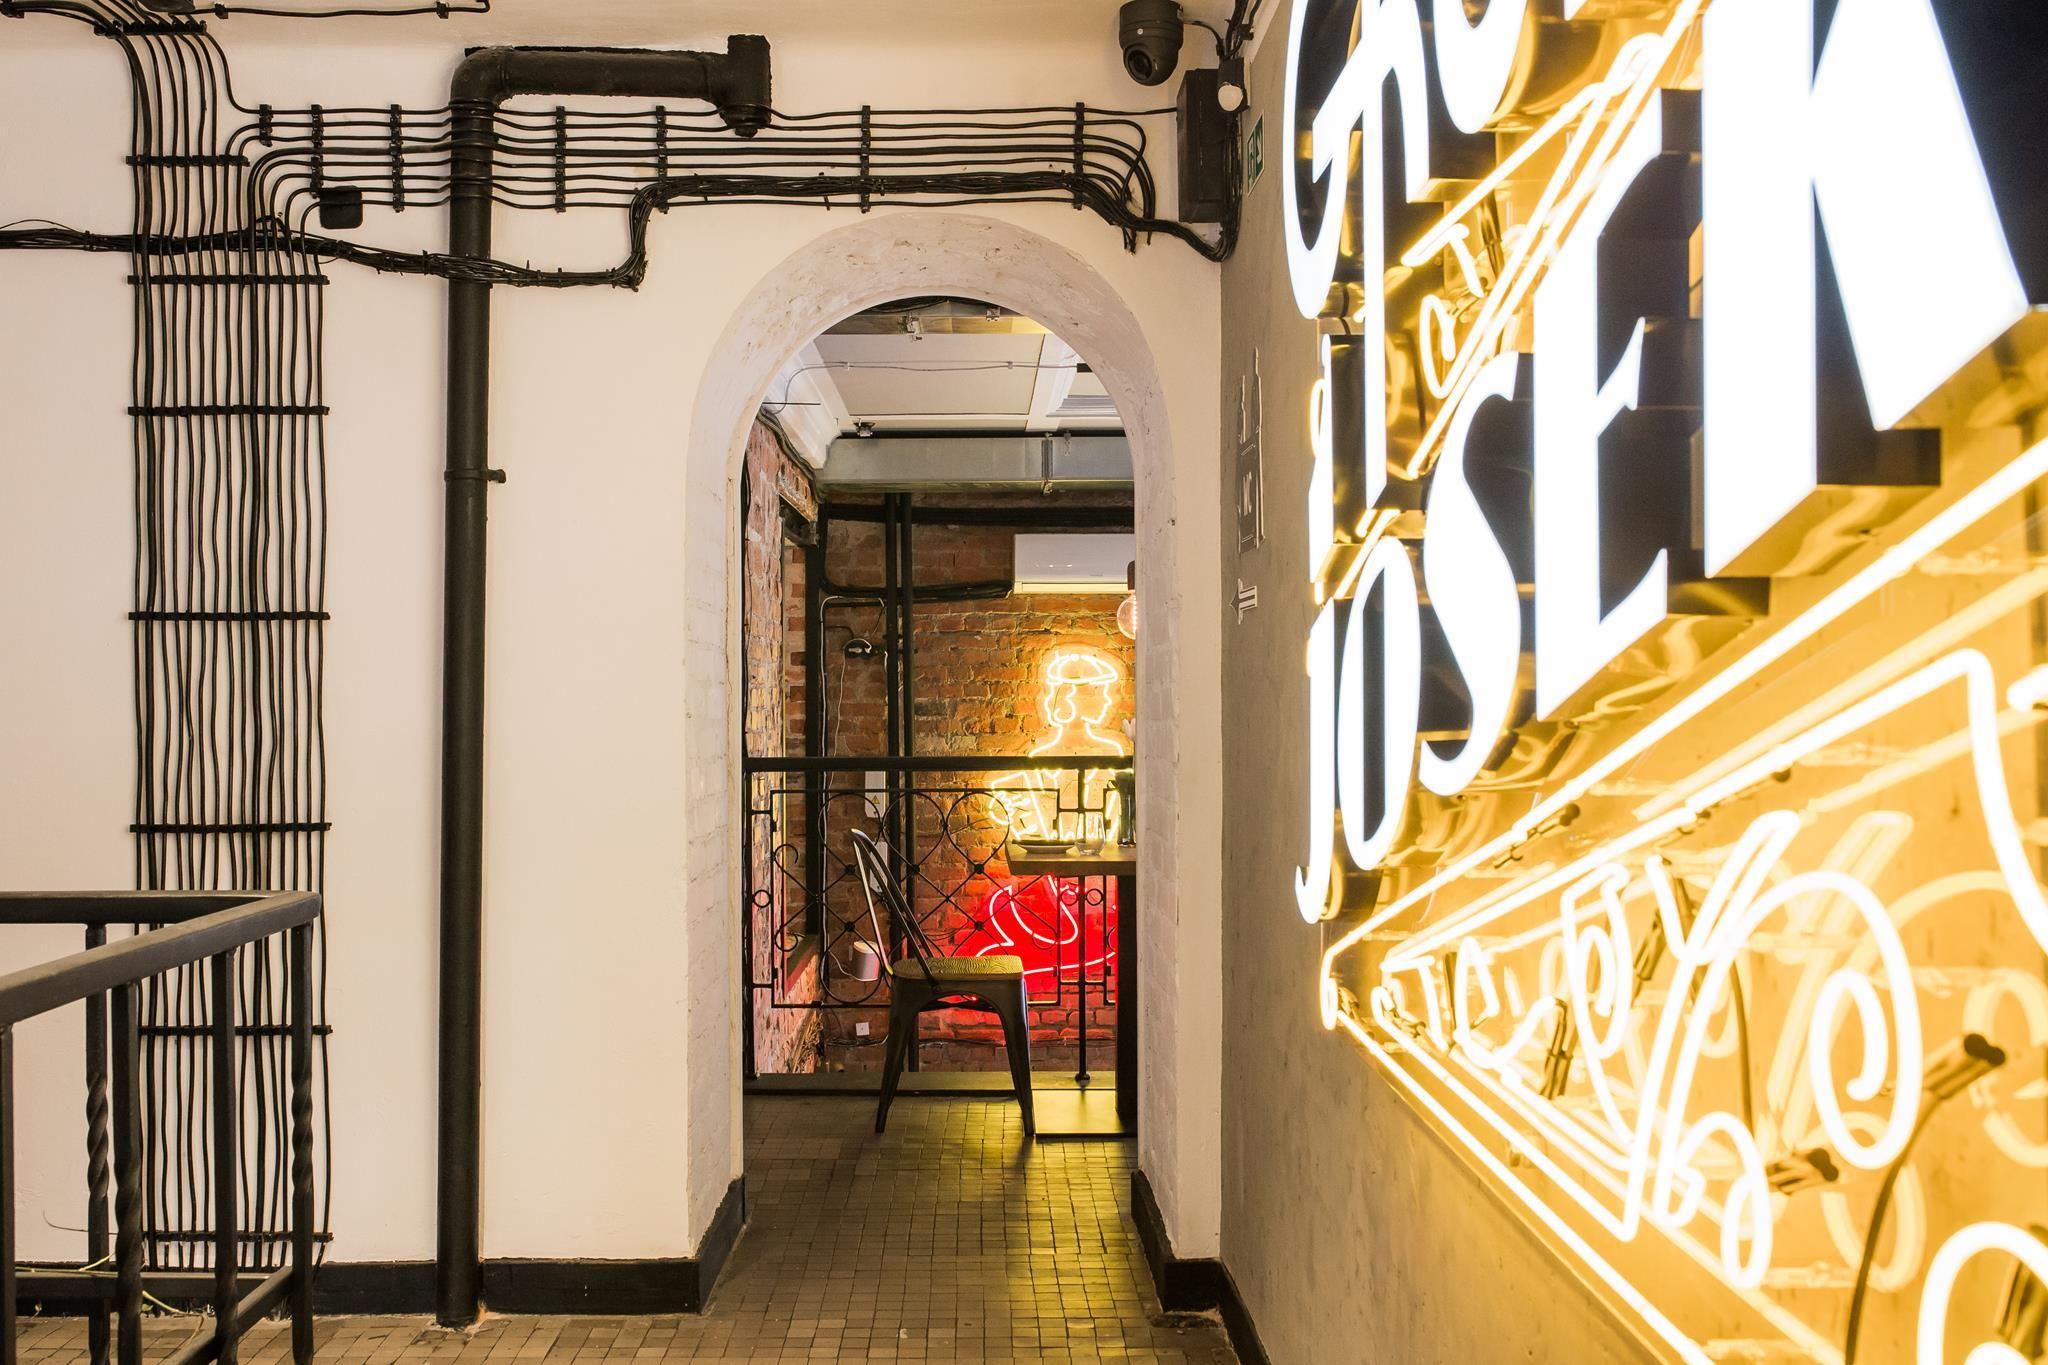 Restauracja Gruby Josek Miejsce Gdzie Bawi Sie Ferajna Pln Design Restaurant Decor Stairs